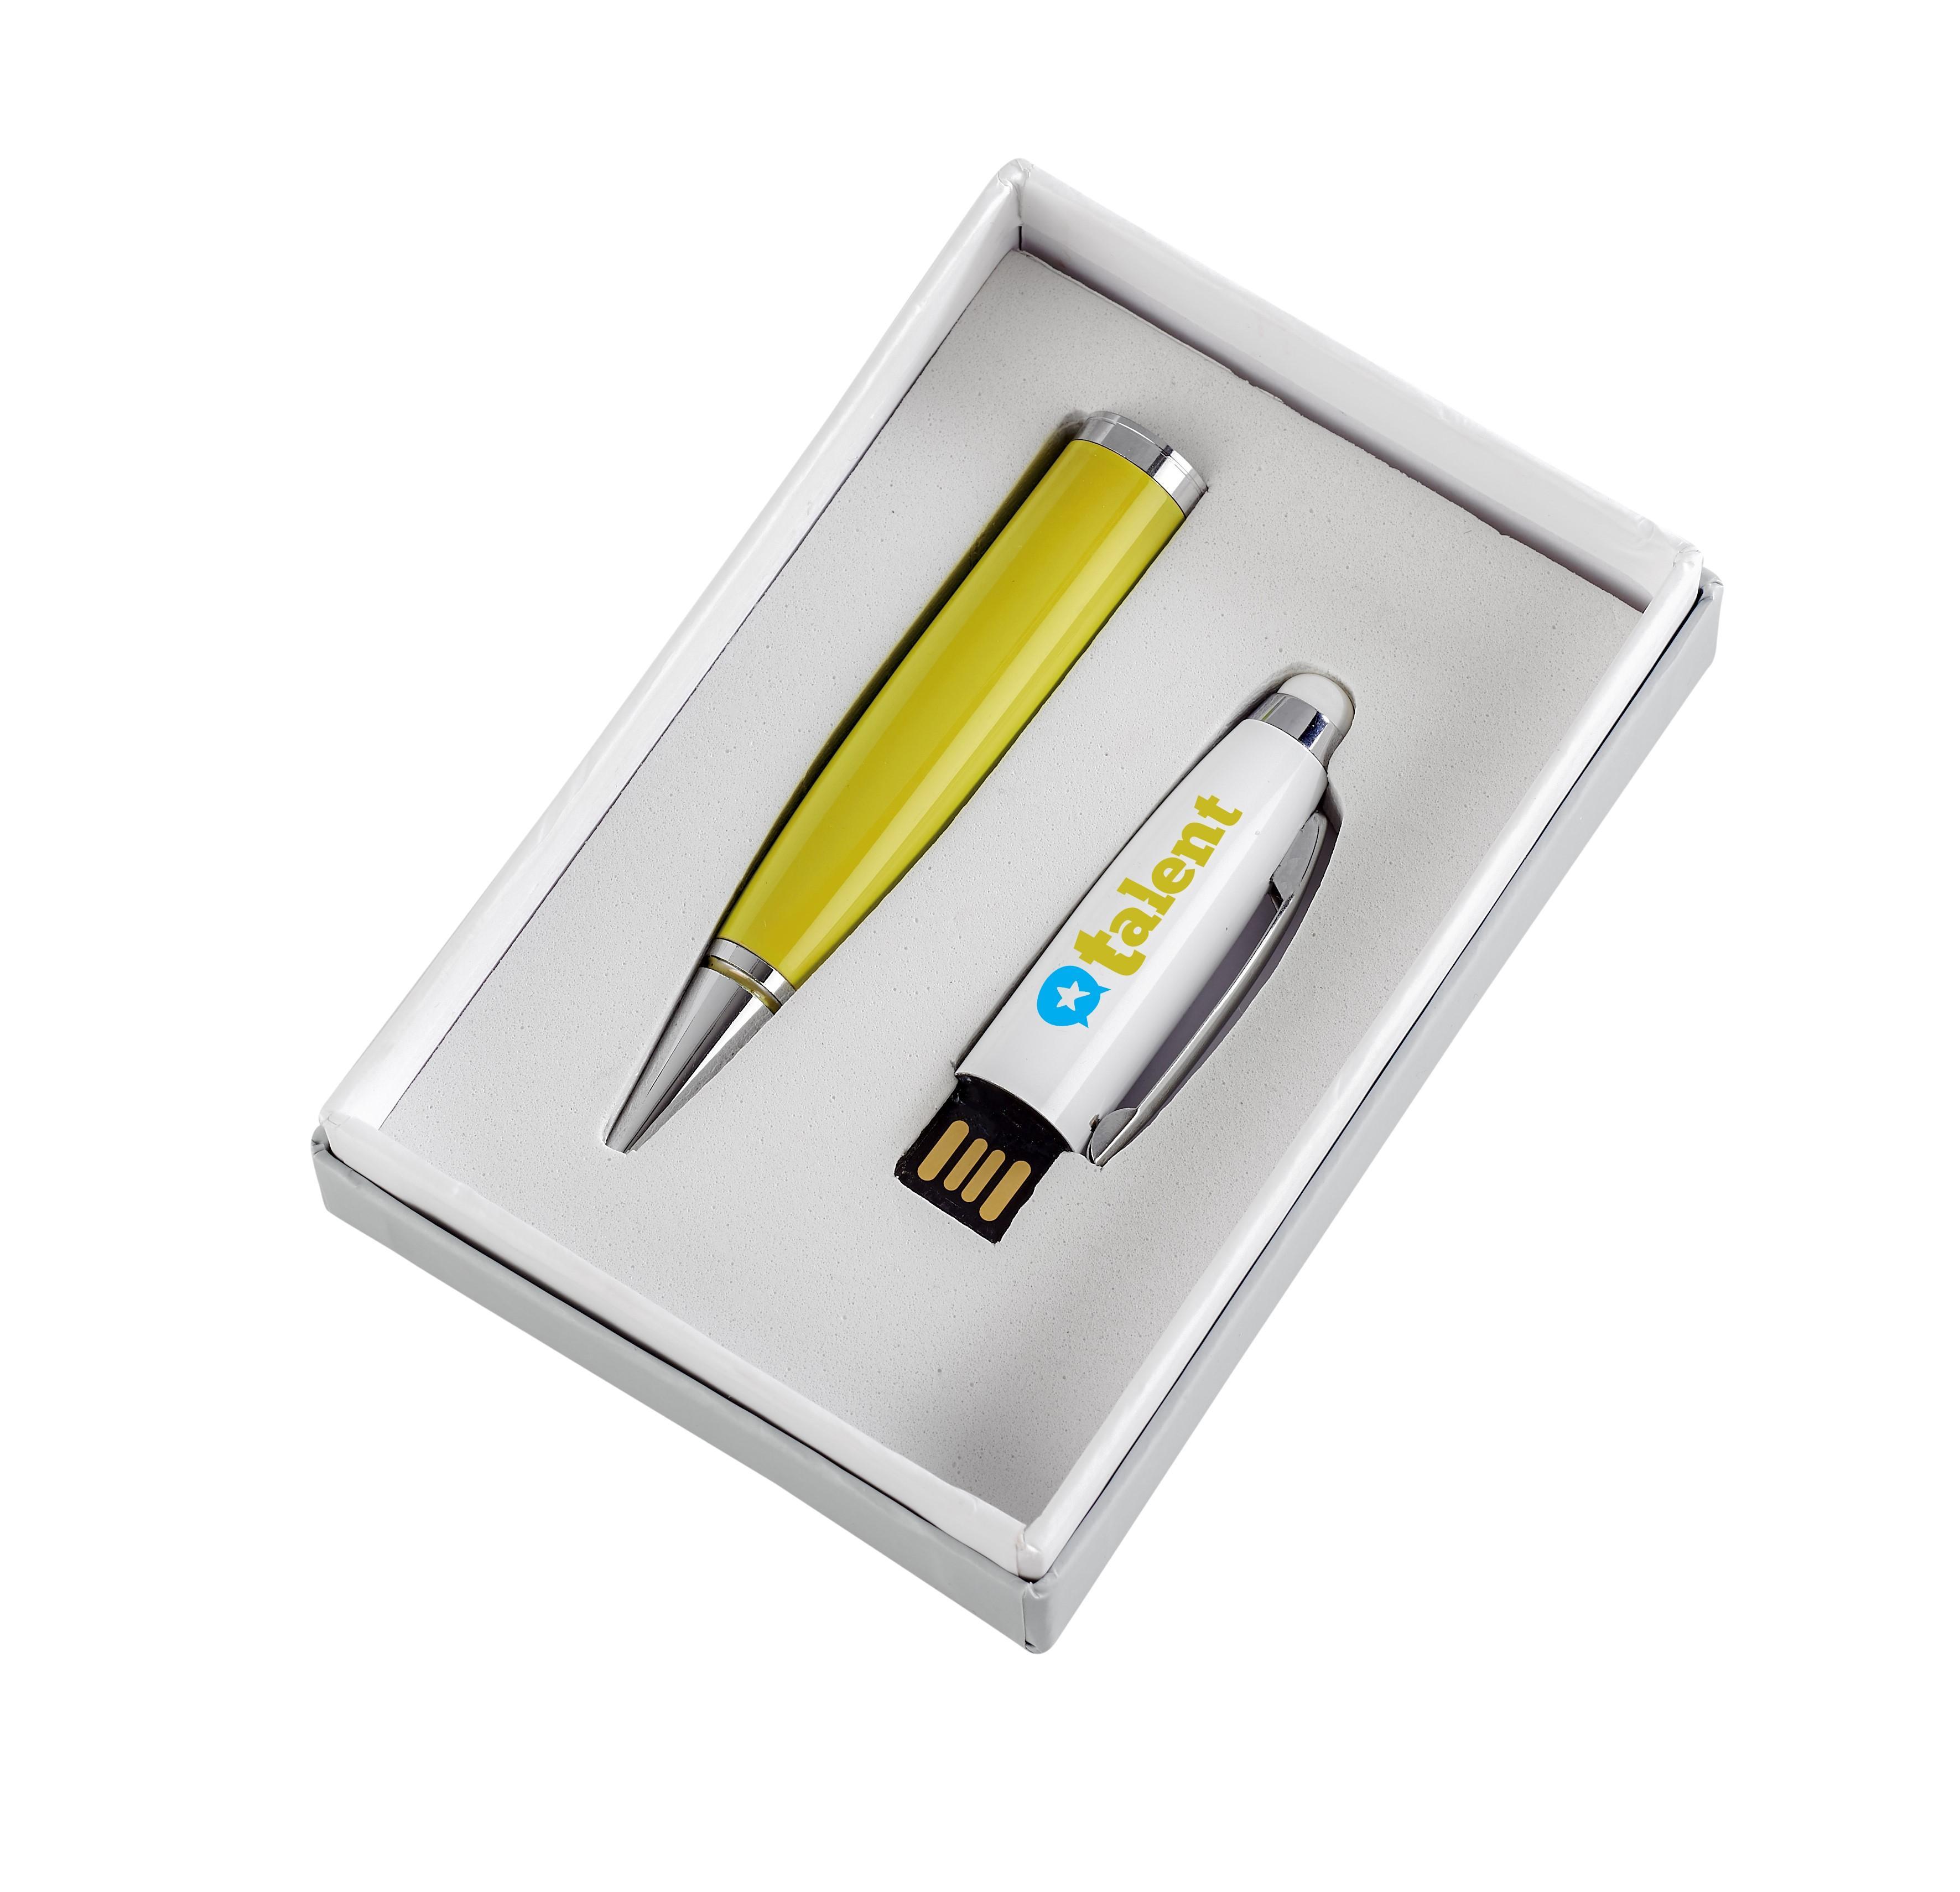 Pentagon White Usb Pen & Stylus - Yellow Only